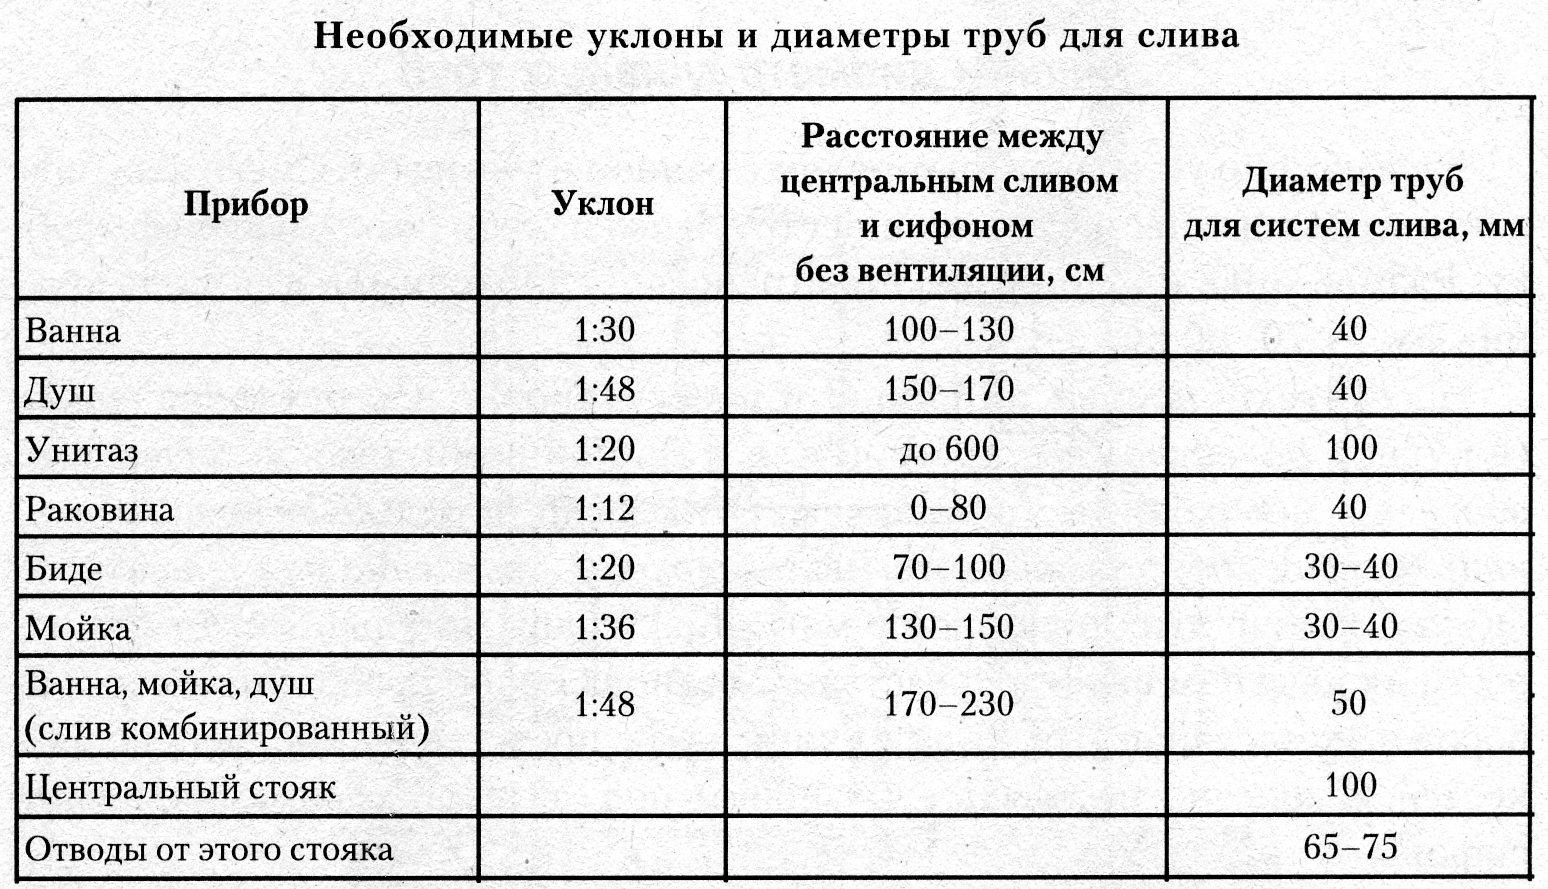 Таблица уклонов и диаметров канализационных труб